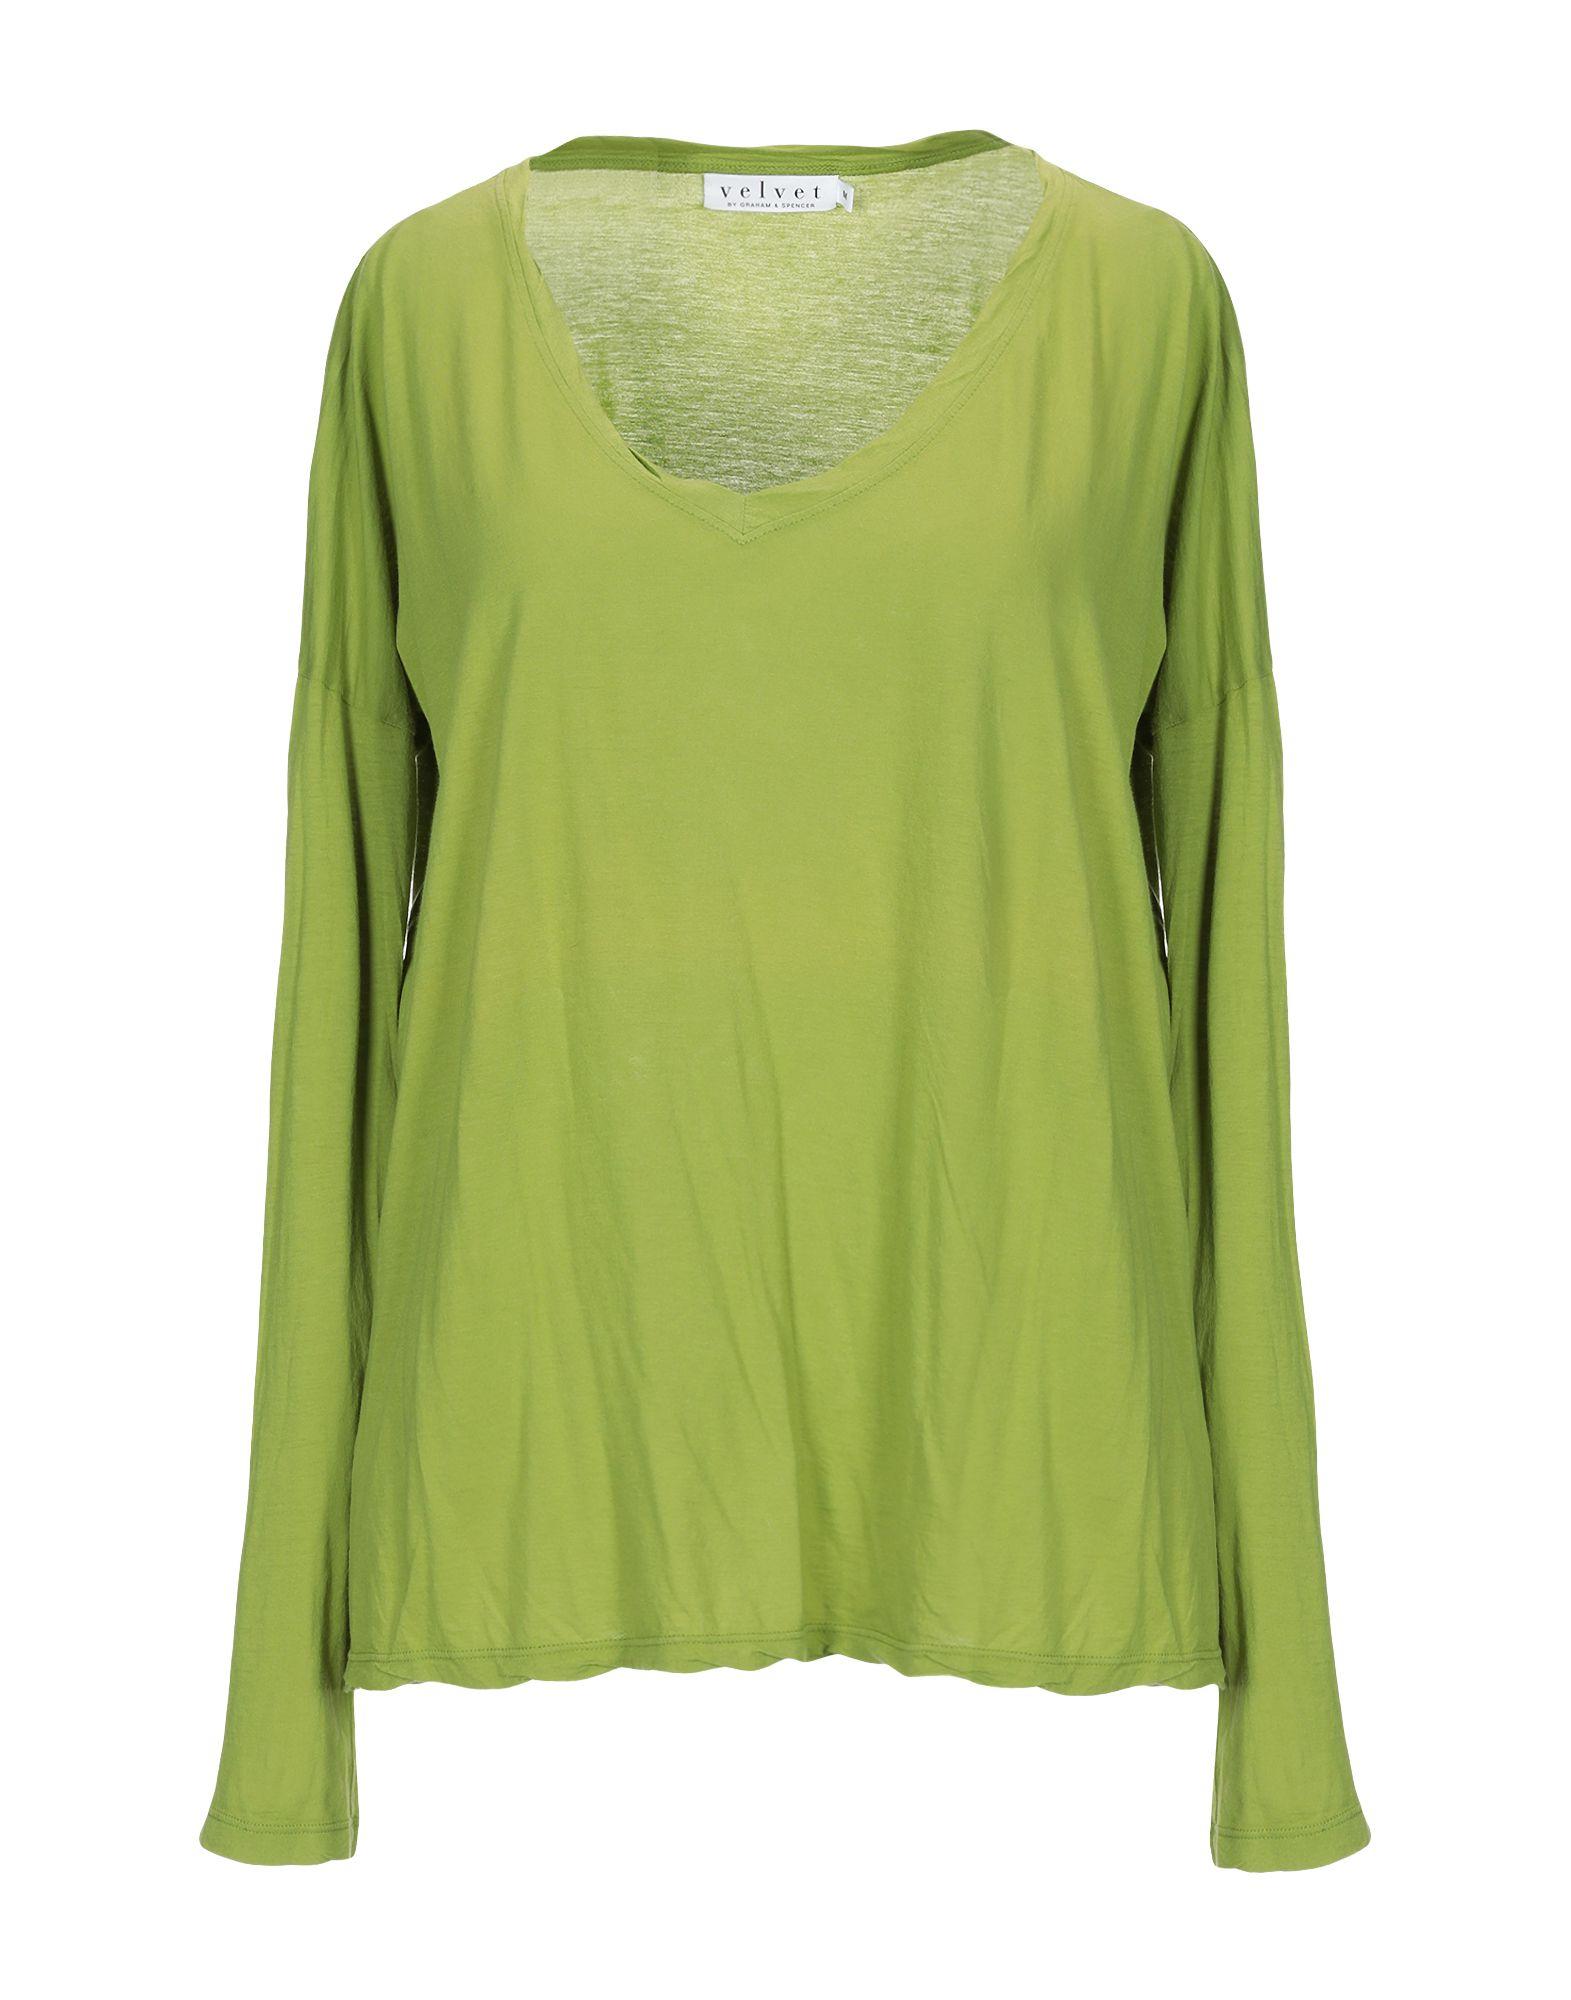 VELVET by GRAHAM & SPENCER Футболка v neck lace trim velvet blouse